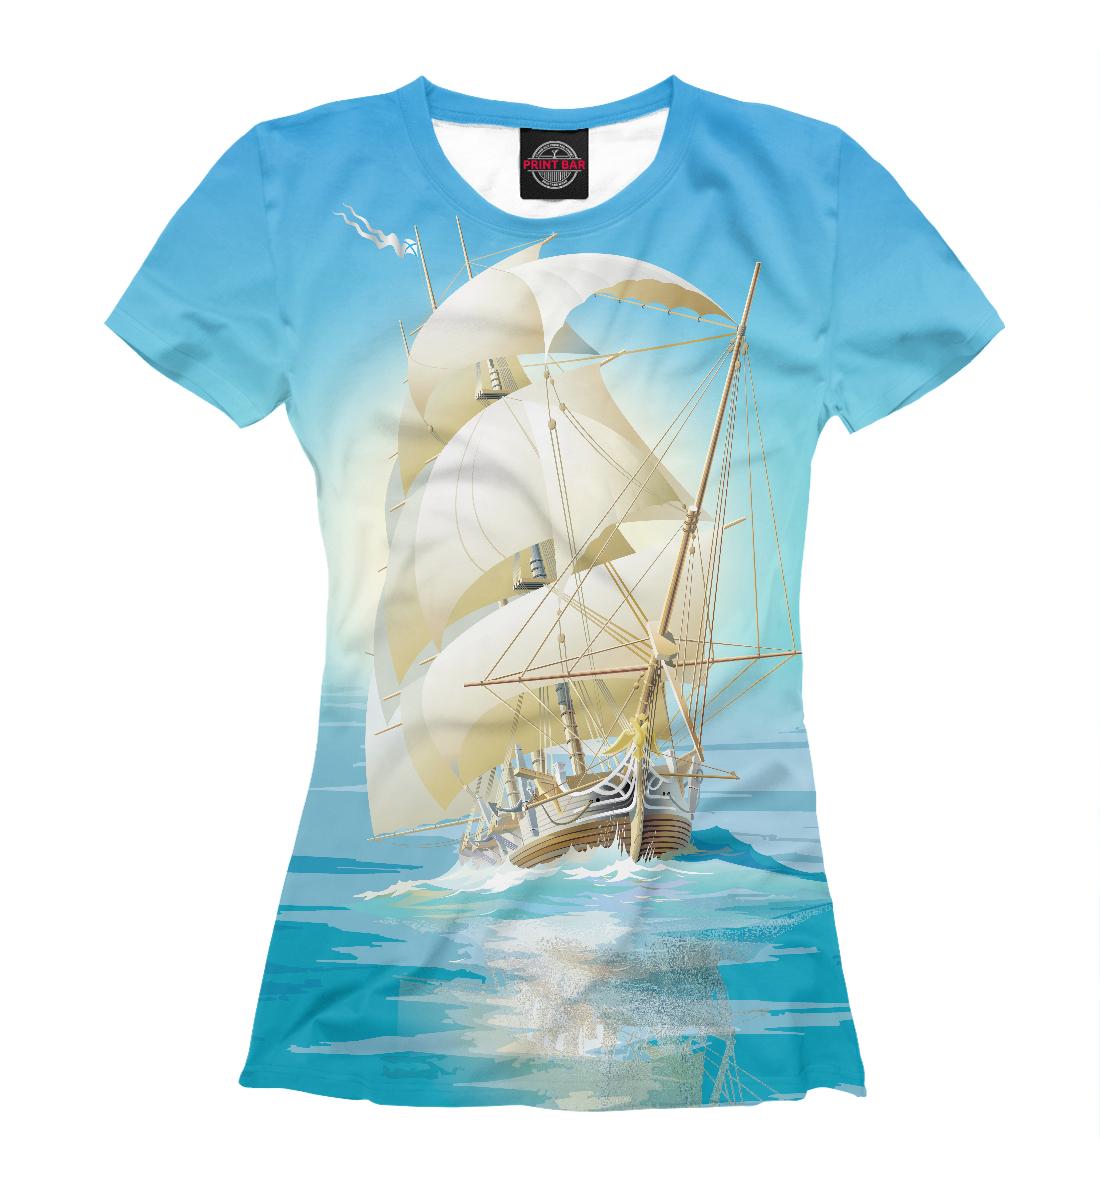 кружках осуществляется футболки с фото моря предложению